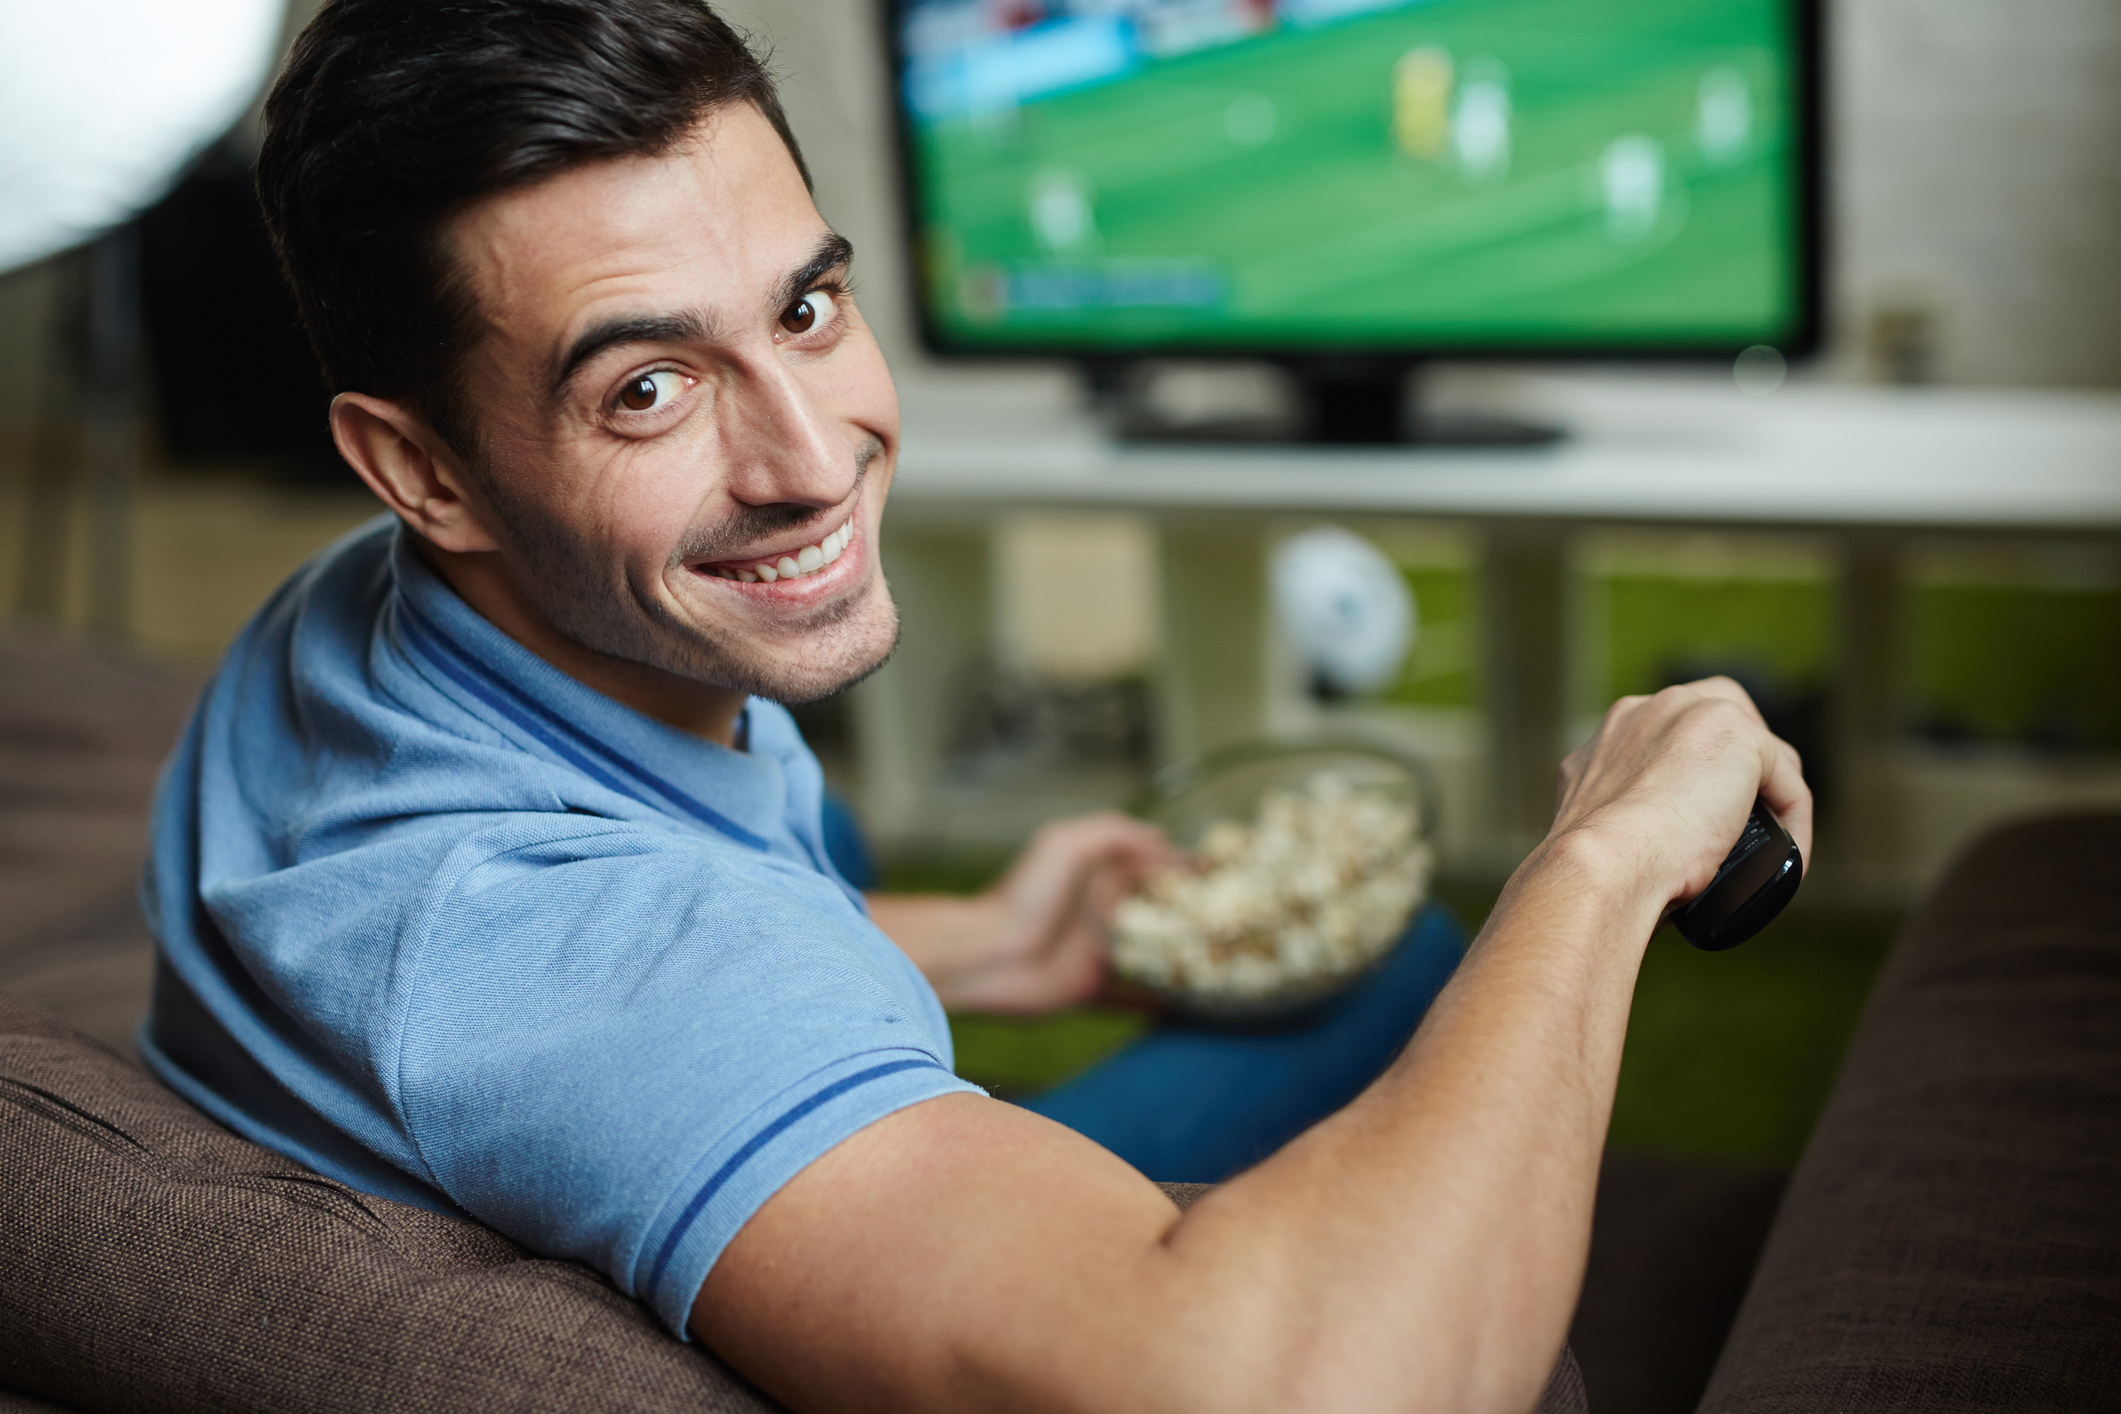 Slovák nerozumí sportu. Přesto tři eura proměnil v osm milionů!